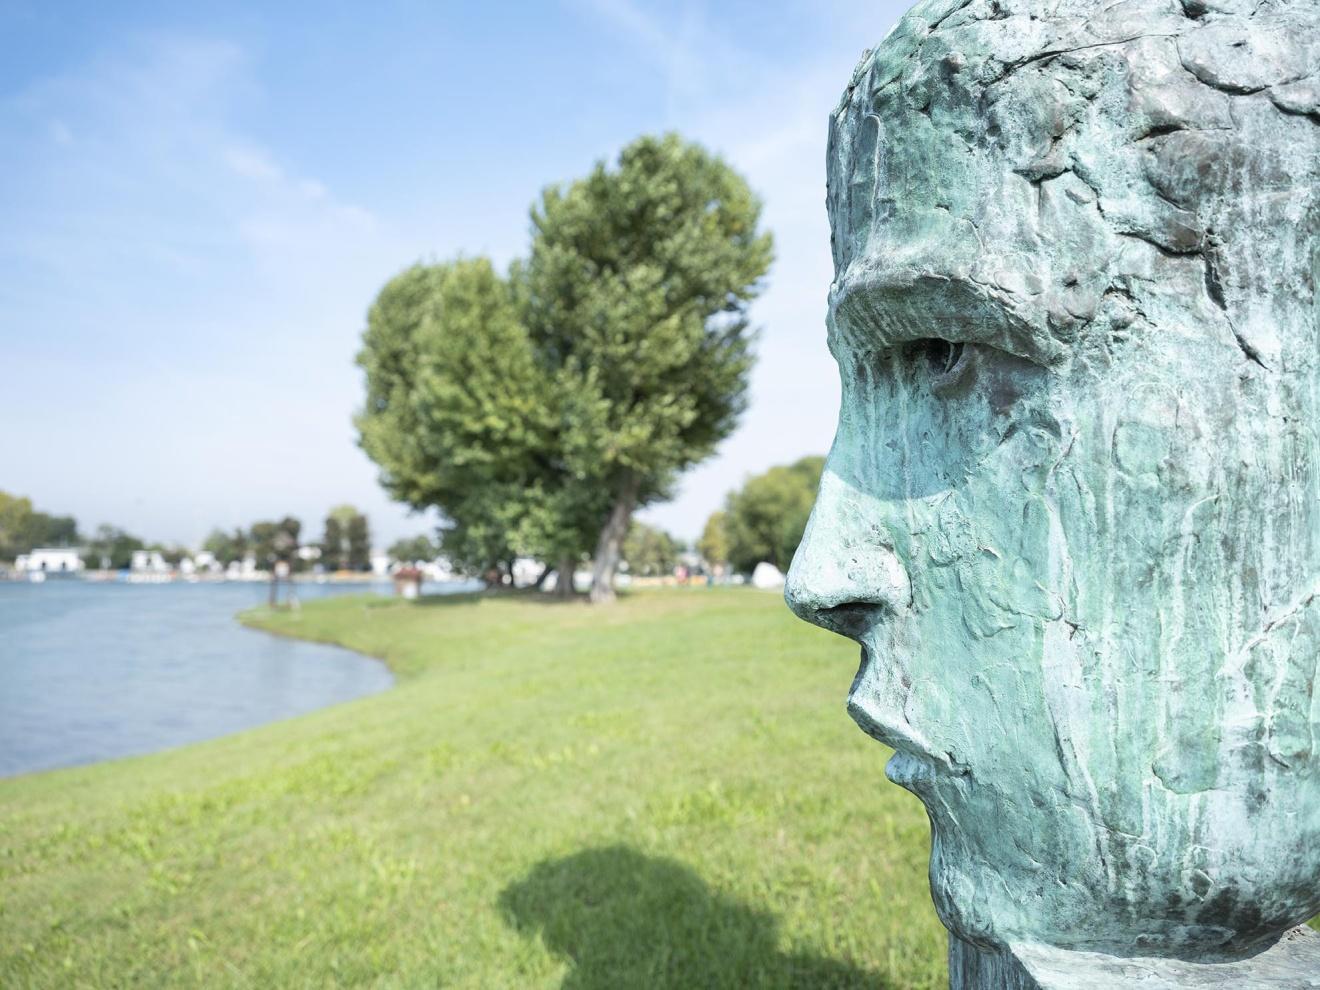 PARCO DELL'ARTE E MUSEOGIOVANI ARTISTI - IDROSCALO DI MILANO